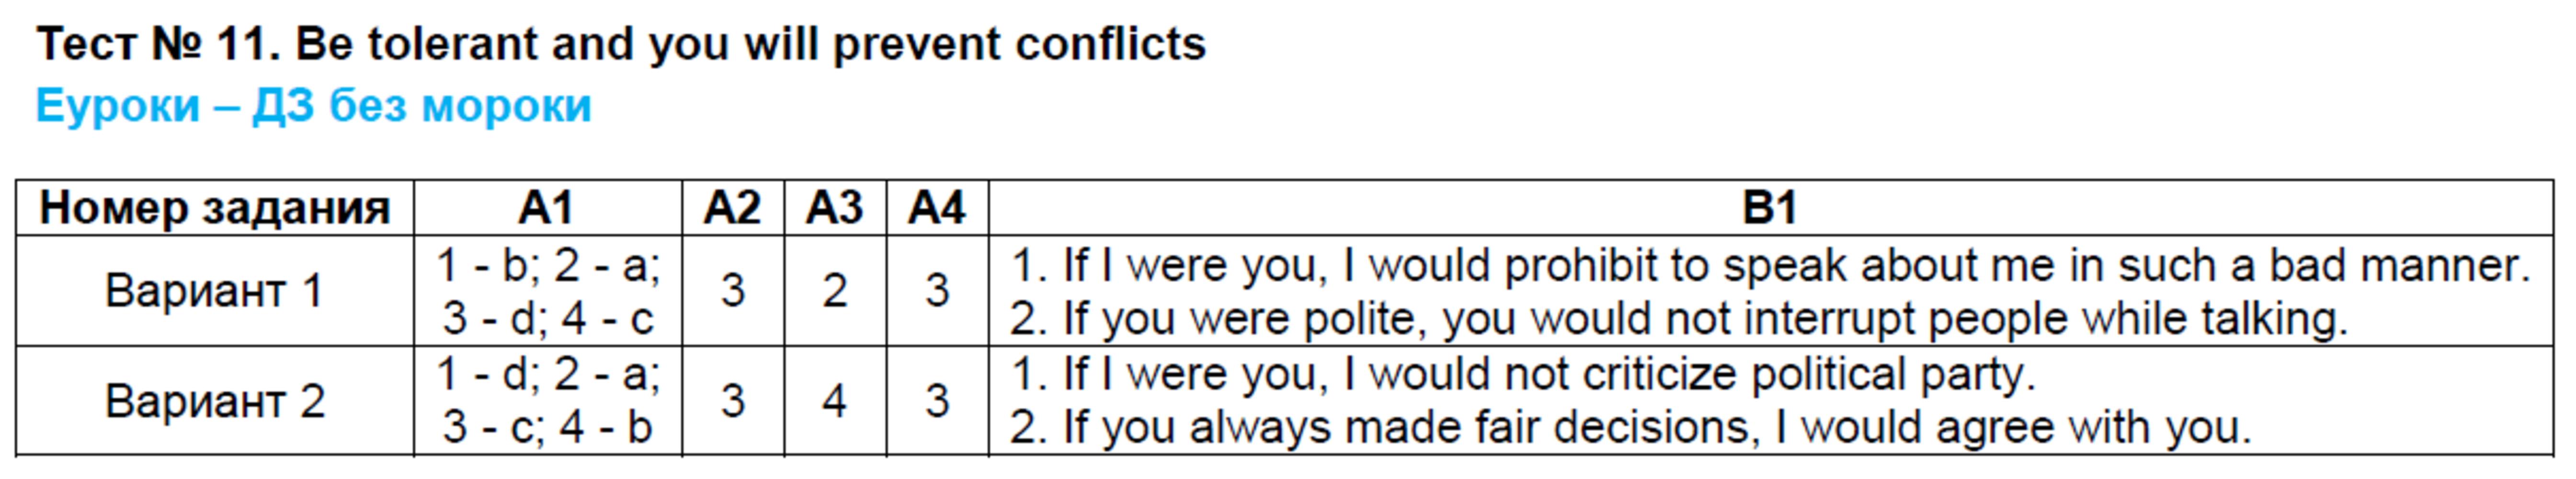 ГДЗ по английскому языку 9 класс контрольно-измерительные материалы Сахаров. Задание: Тест 11. be tolerant and you will prevent conflicts